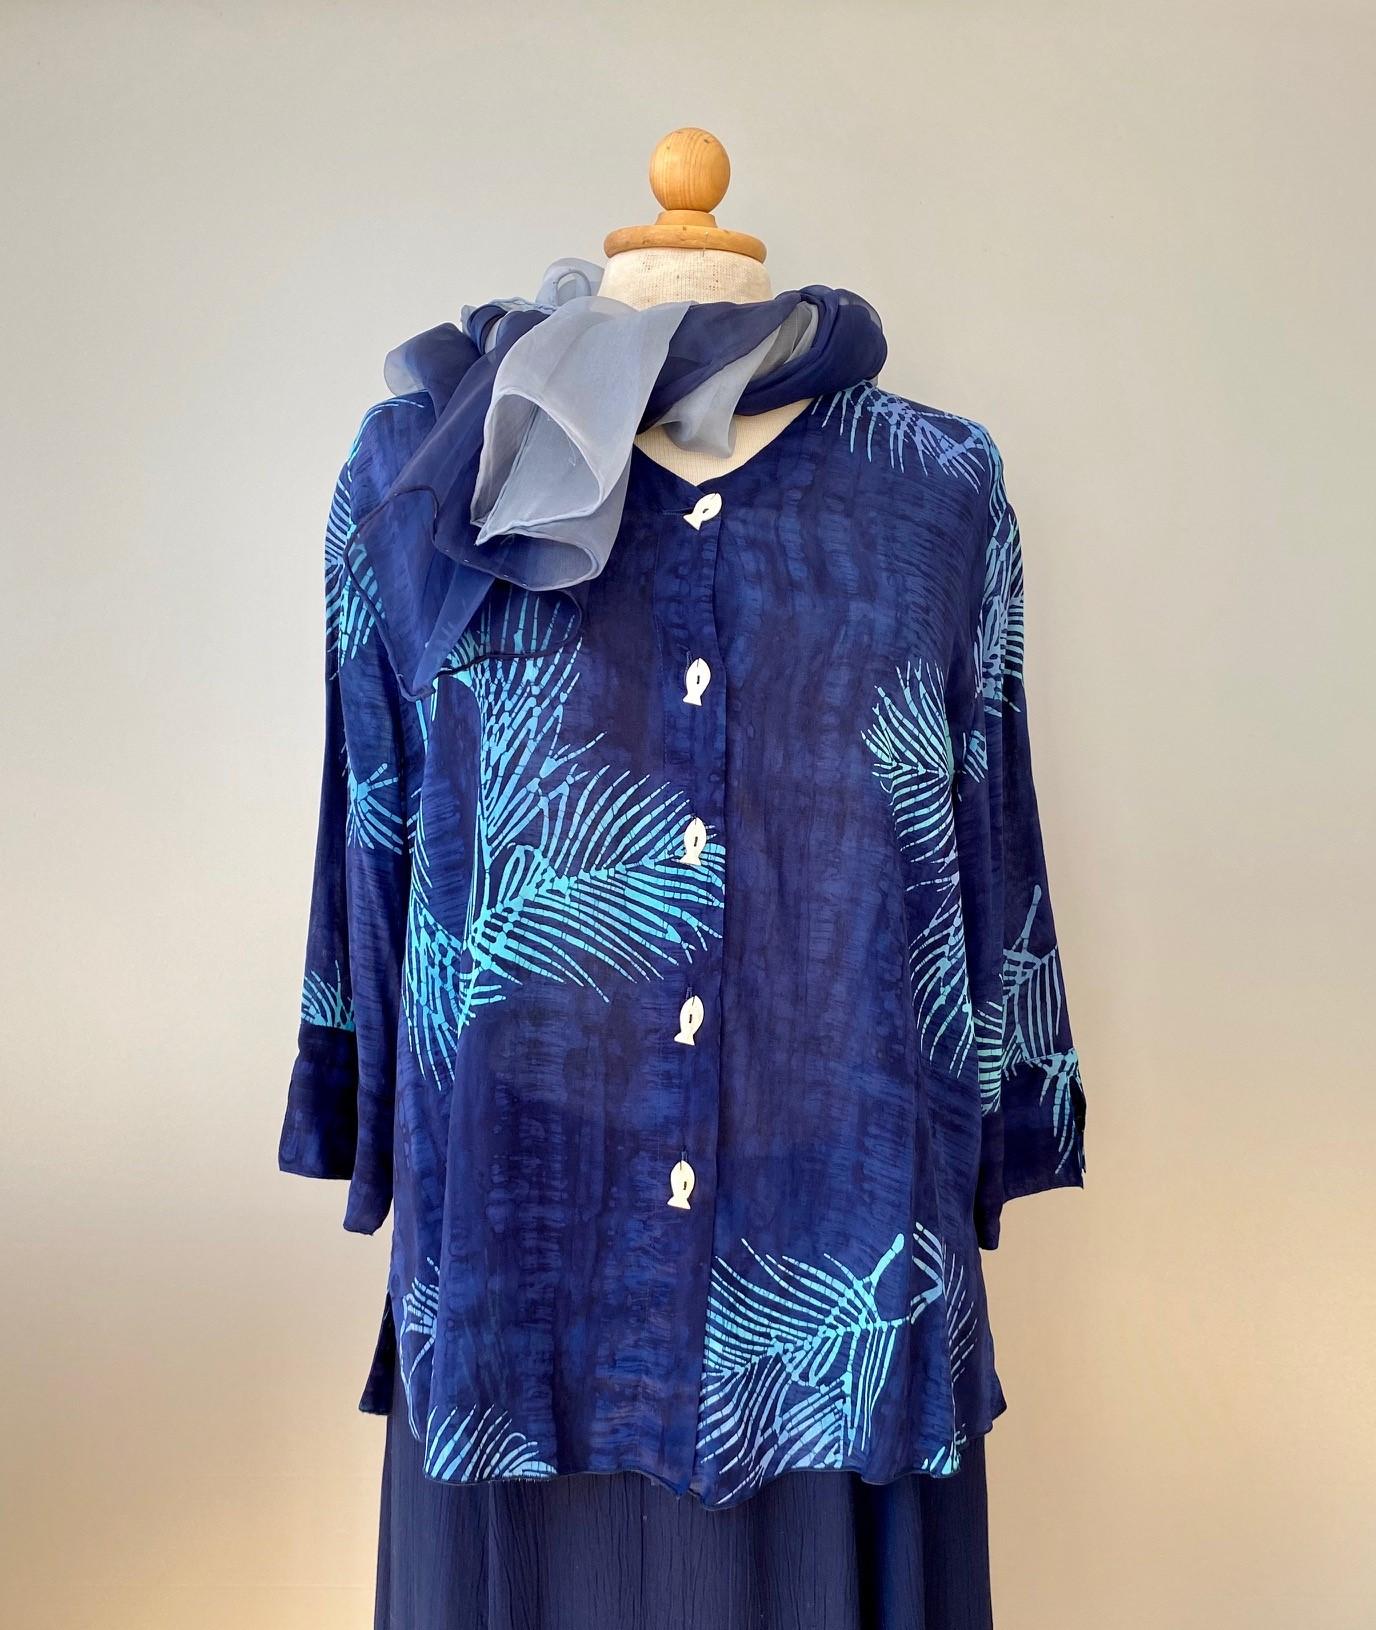 Batik bluse 125 - Mørkeblå Palme, skjorte, skjortebluse, bluse, med knapper, blå, mørkeblå, blå farver, coboltblå, navy, marine, åndbar, figursyet, klædelig, slank, timeglasfigur, knapper, natur, økologisk, bæredygtigt, design, batikfarvet, batikbluse, biti, ribe, vikinger, nationalpark, vadehavet, rømø, mandø